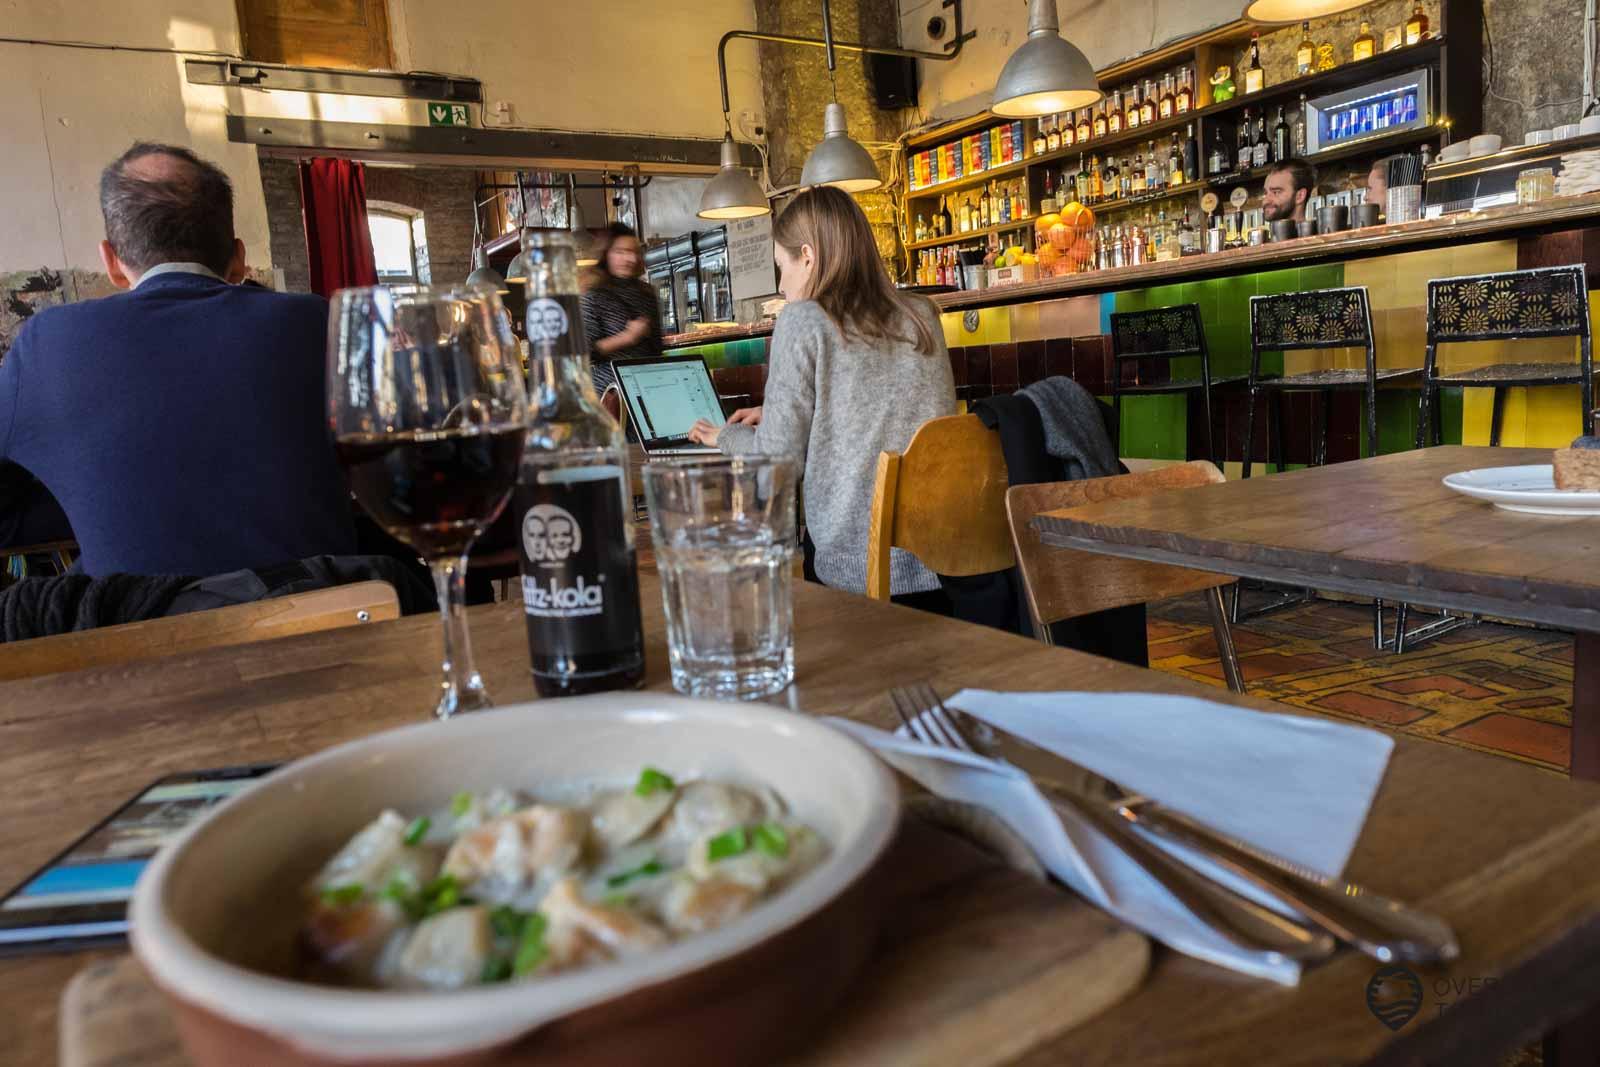 Mein Restaurant Tipp: Das F-hoone abseits der Touristenzone im Szeneviertel Telliskivi Creative City